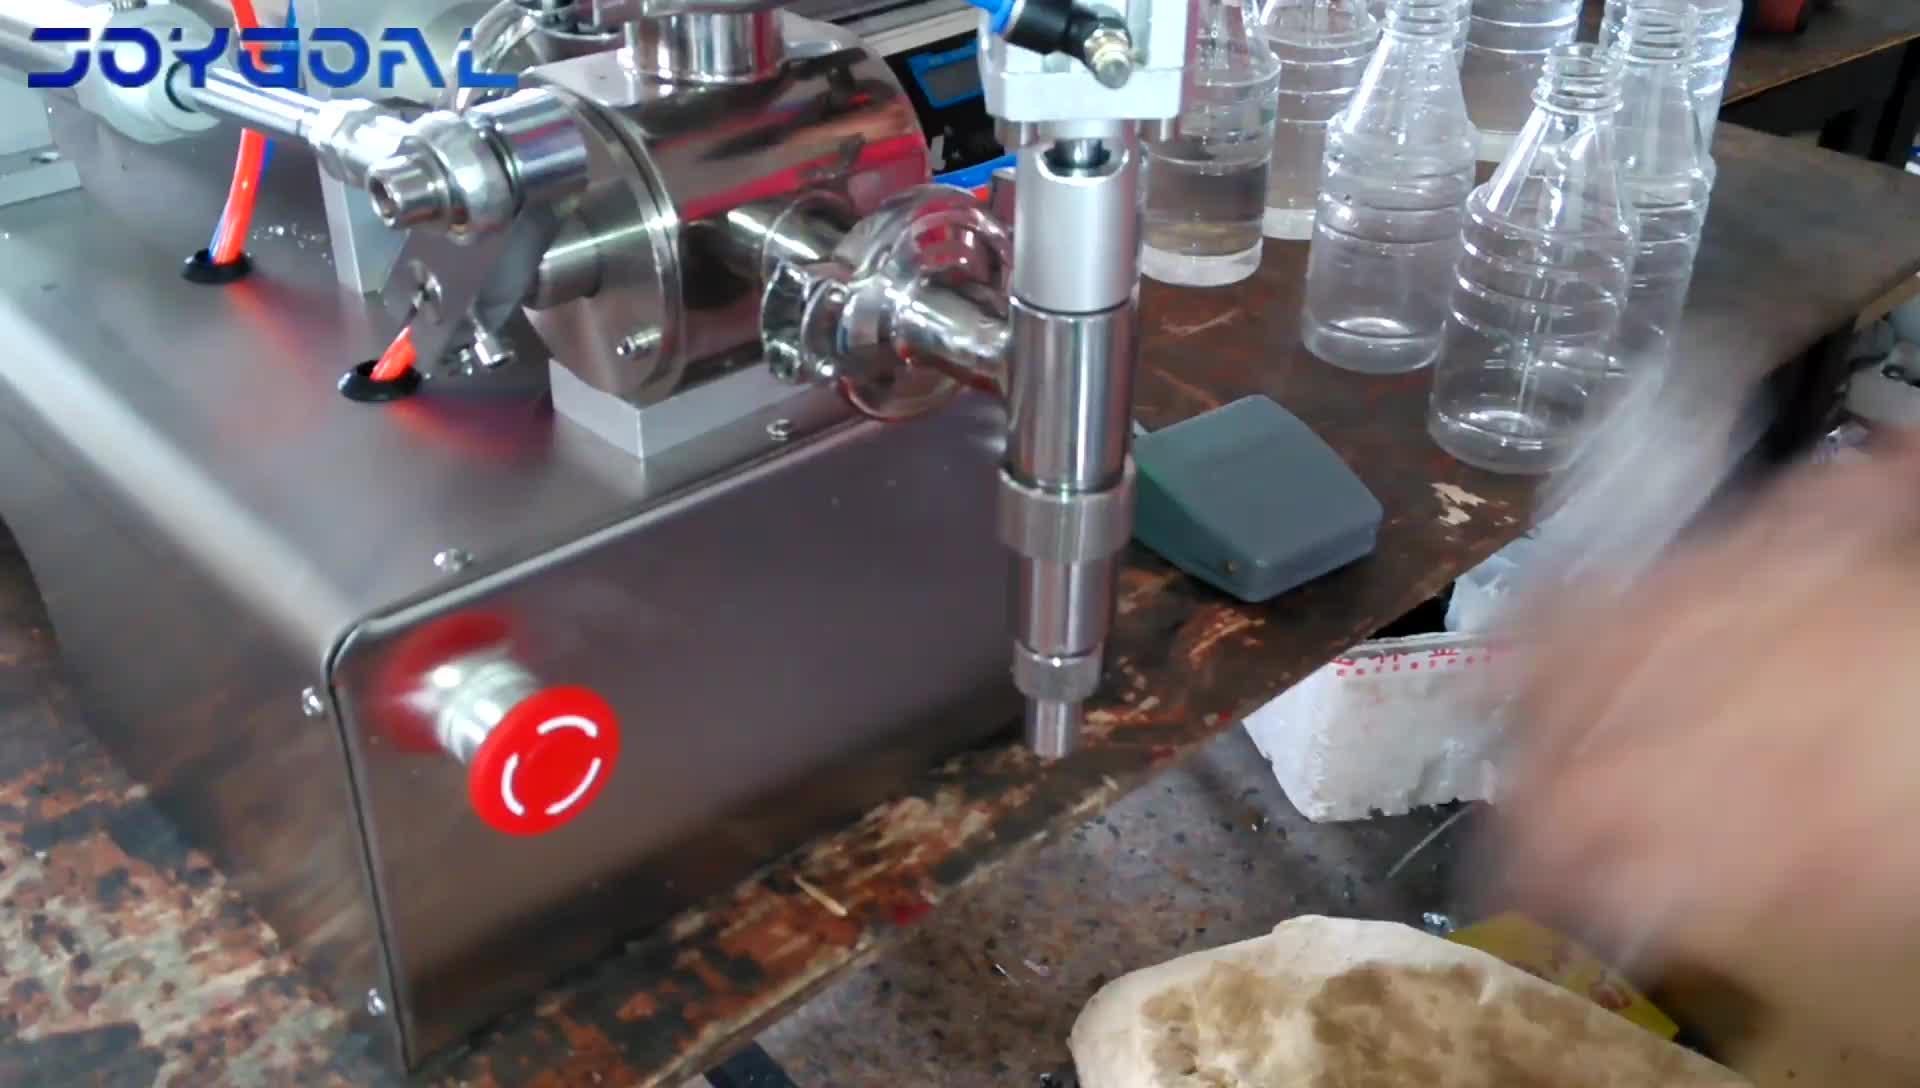 Schokoladenpaste halbautomatische Füllmaschine für Plastiktüten und Schachtel aus Glasflaschen